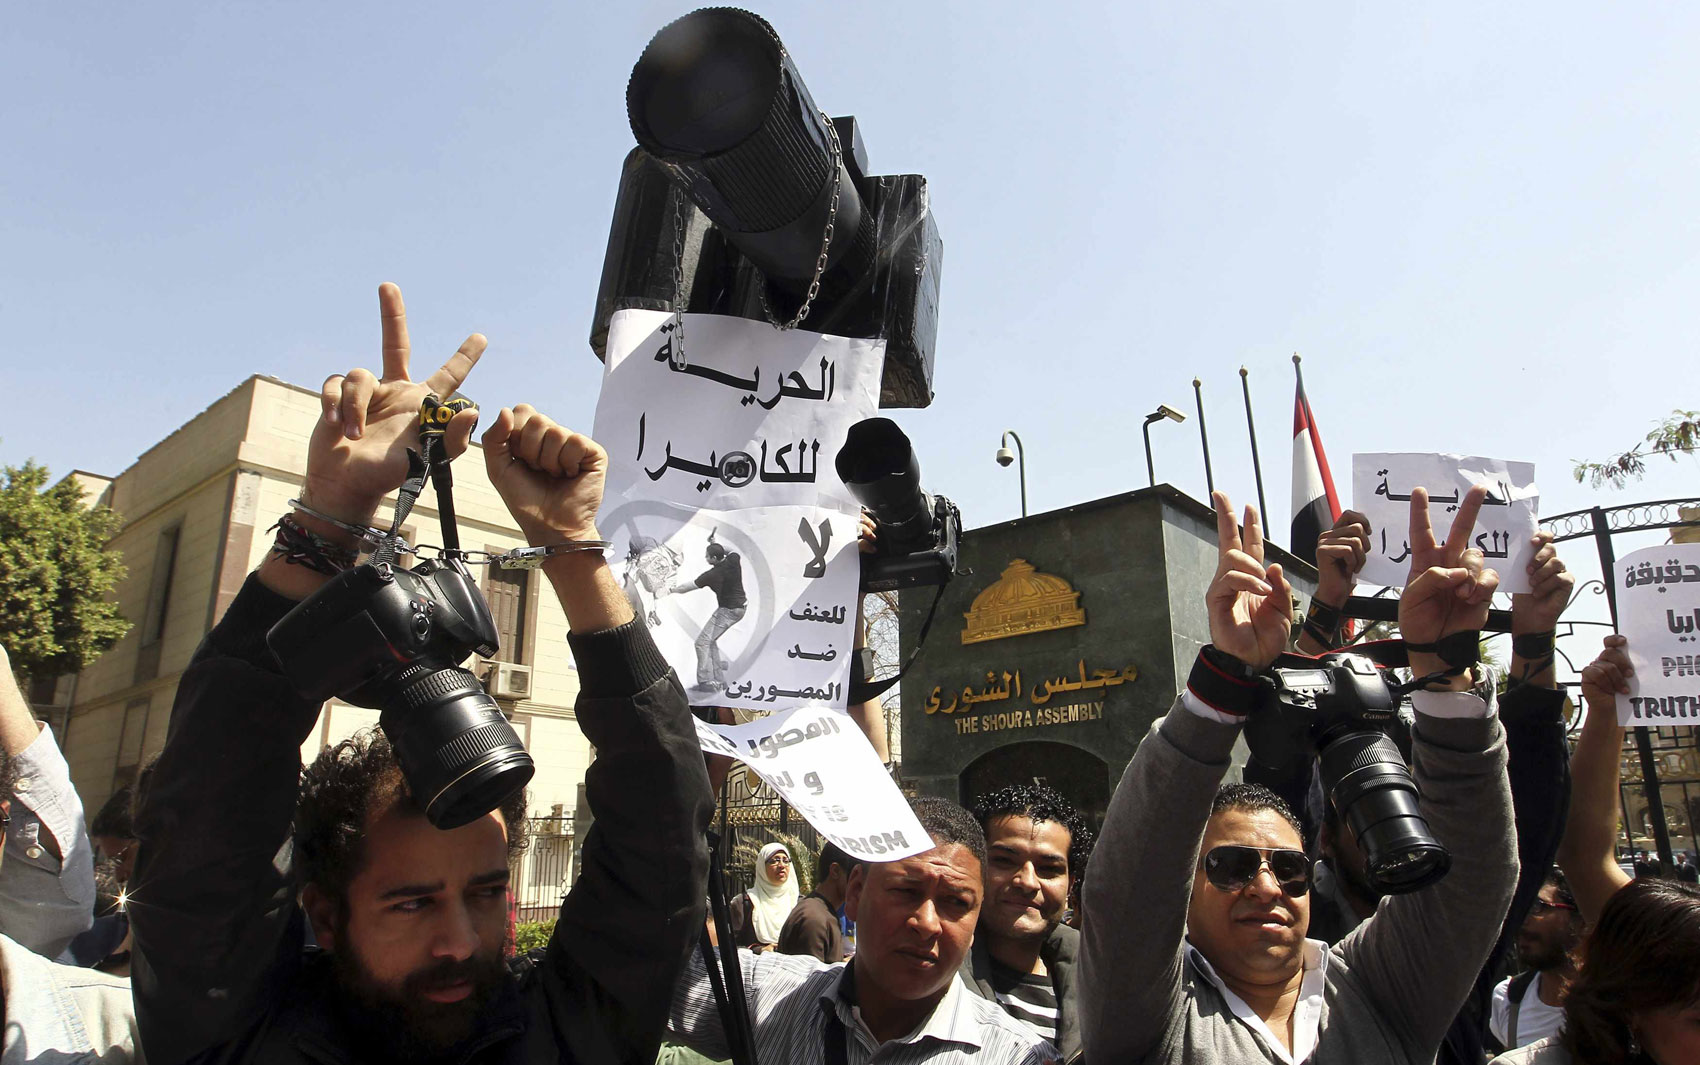 Fotógrafos protestam com as mãos simbolicamente acorrentadas denunciando o tratamento dado a eles pelo governo e pela Irmandade Muçulmana na cobertura de fatos recentes, no Cairo, Egito.